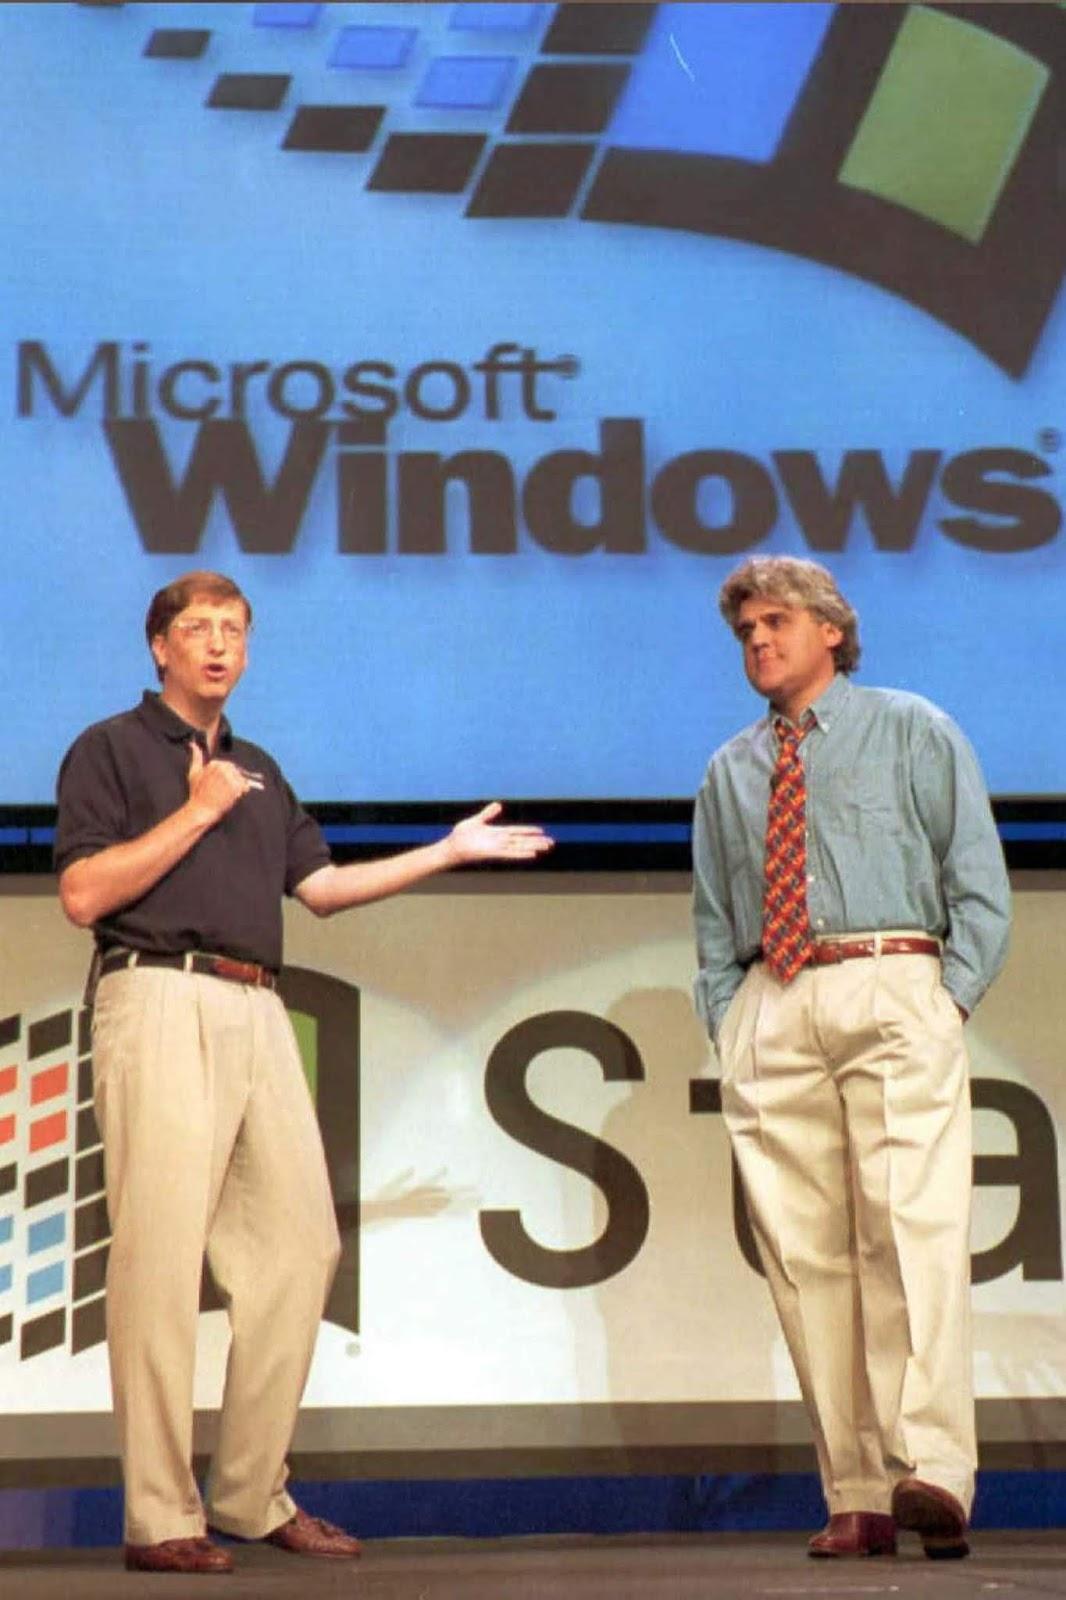 <p>Прдставянето на Windows 95 в Редмънт, Вашингтон.</p>